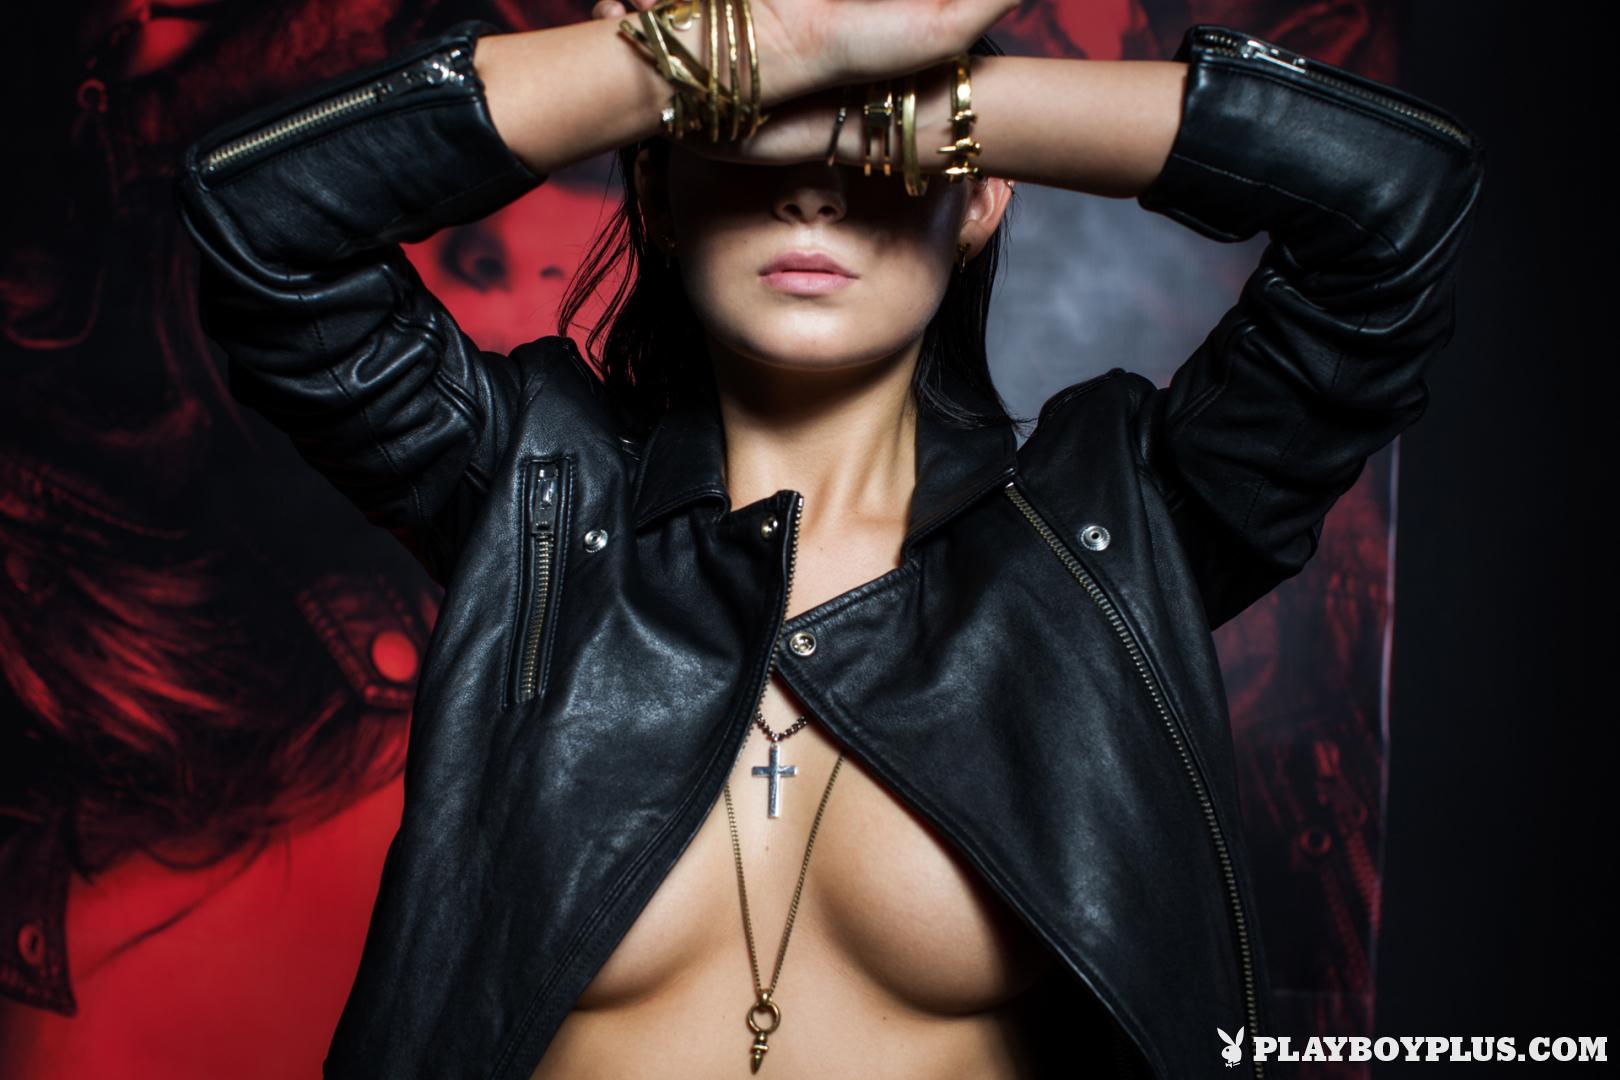 Playboy Cybergirl Alexandra Tyler Nude Photos & Videos at Playboy Plus!